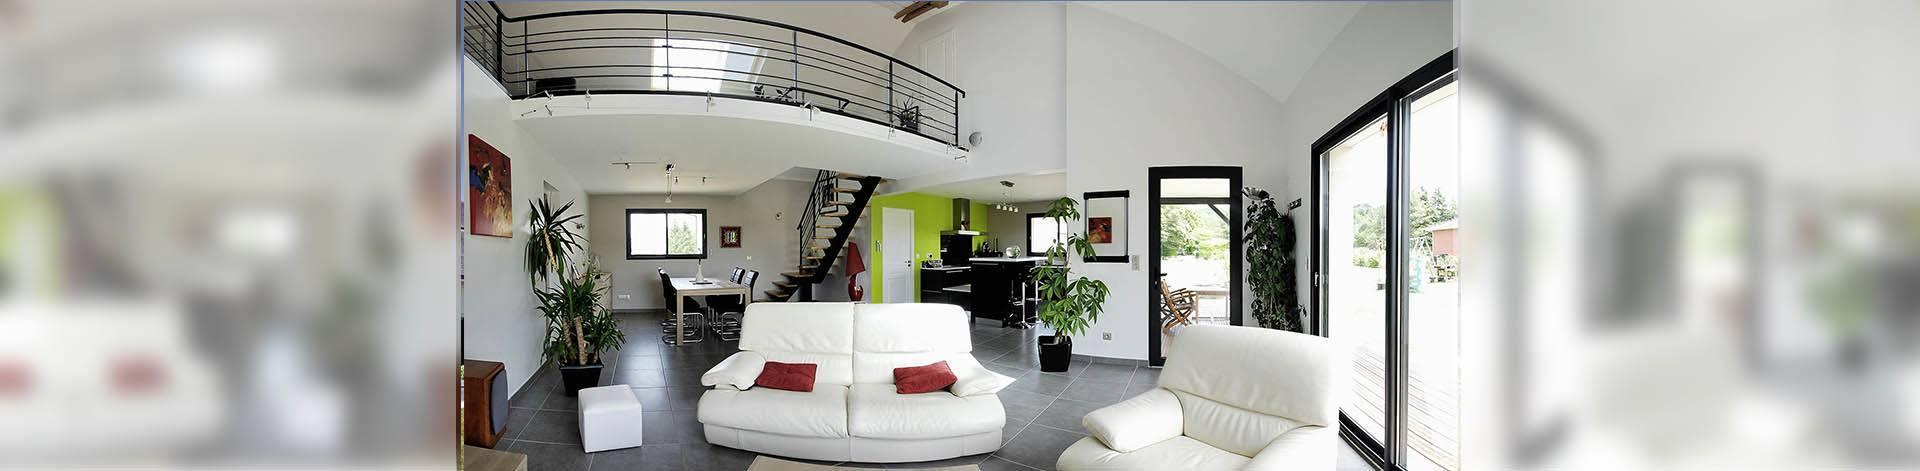 constructeur de maison villa tarbes villa home cr ation par antoine marc sanz. Black Bedroom Furniture Sets. Home Design Ideas